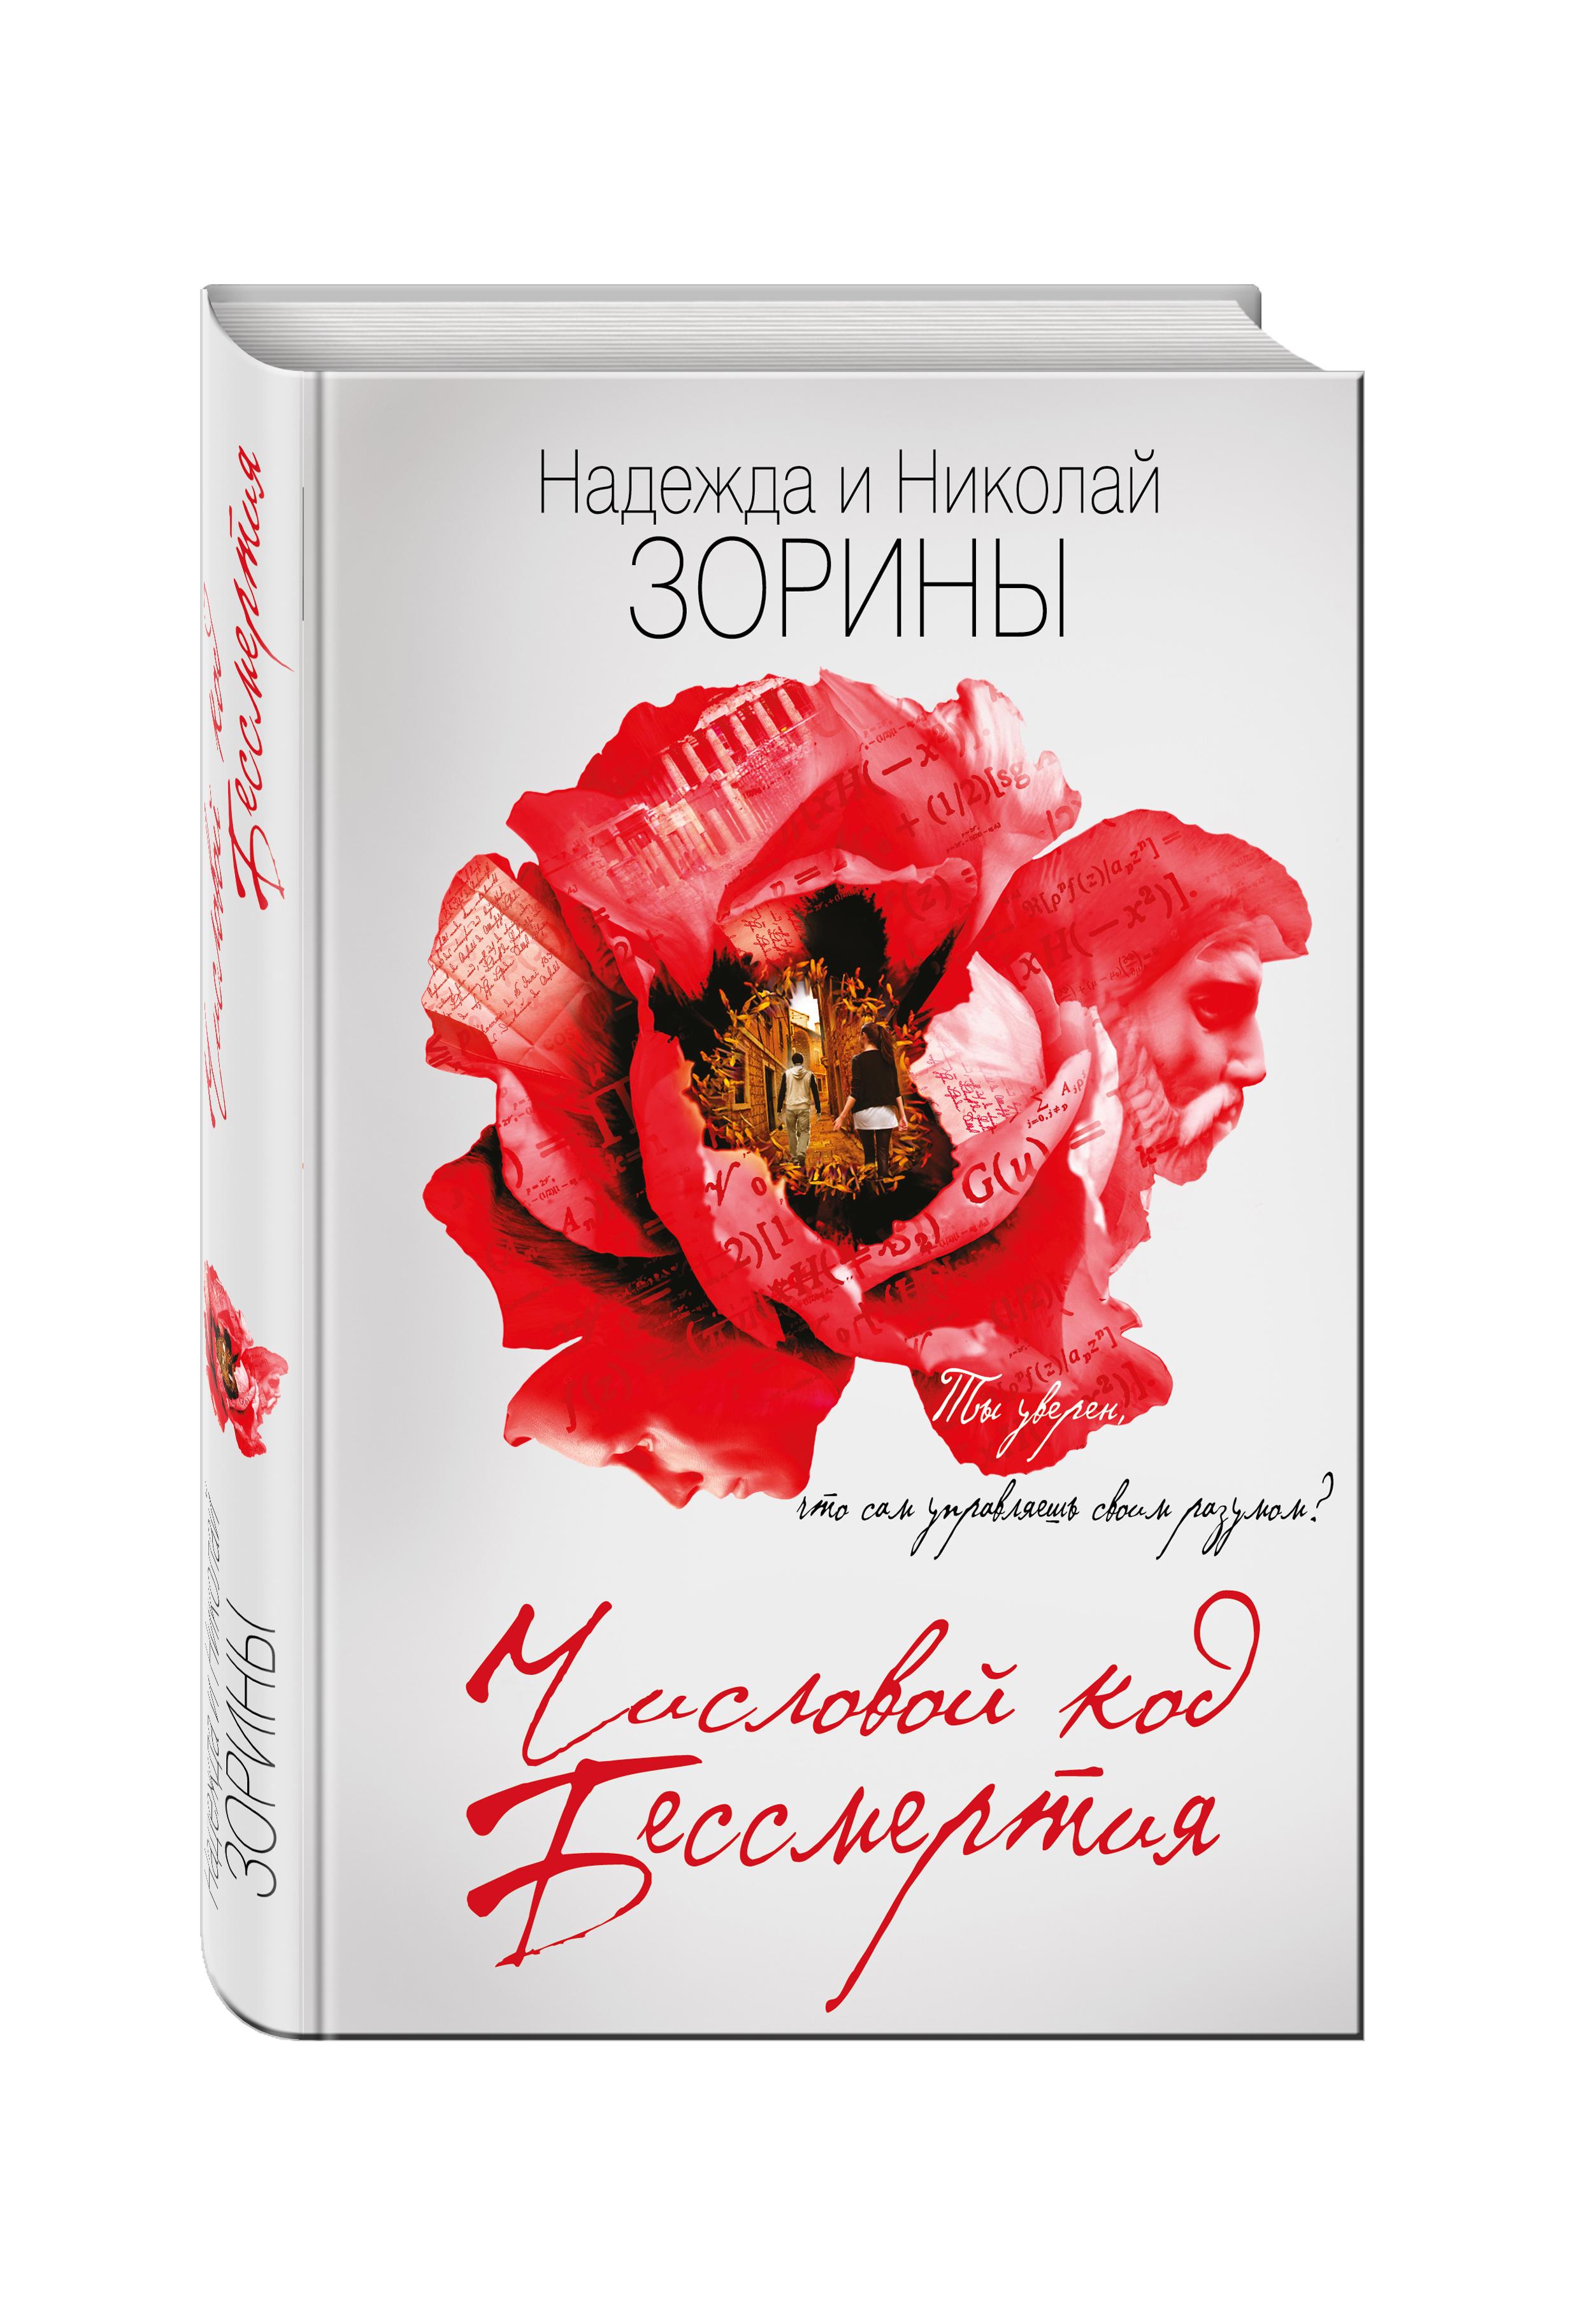 Зорина Н., Зорин Н. Числовой код бессмертия иван комлев ковыль